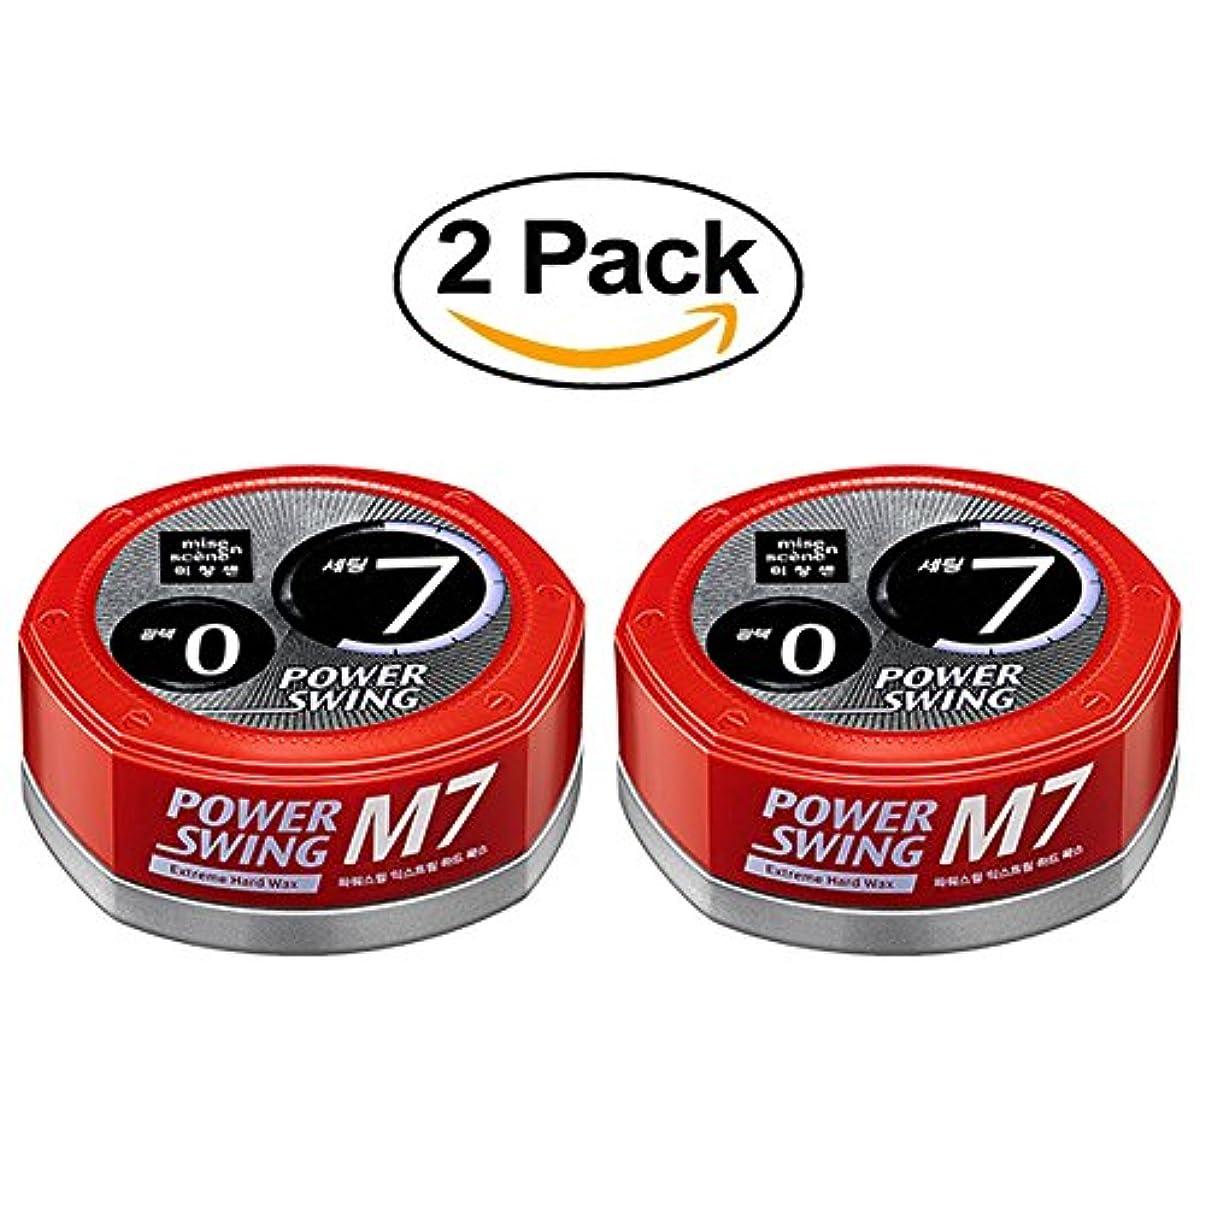 ウェイター排除するアレキサンダーグラハムベルMise En Scene Power Swing Hair Wax 80 G M7 Extreme Hard Hair Styling for Man 2PACK ミゼ?エン?シーンパワー?スイング?ヘア?ワックス80...